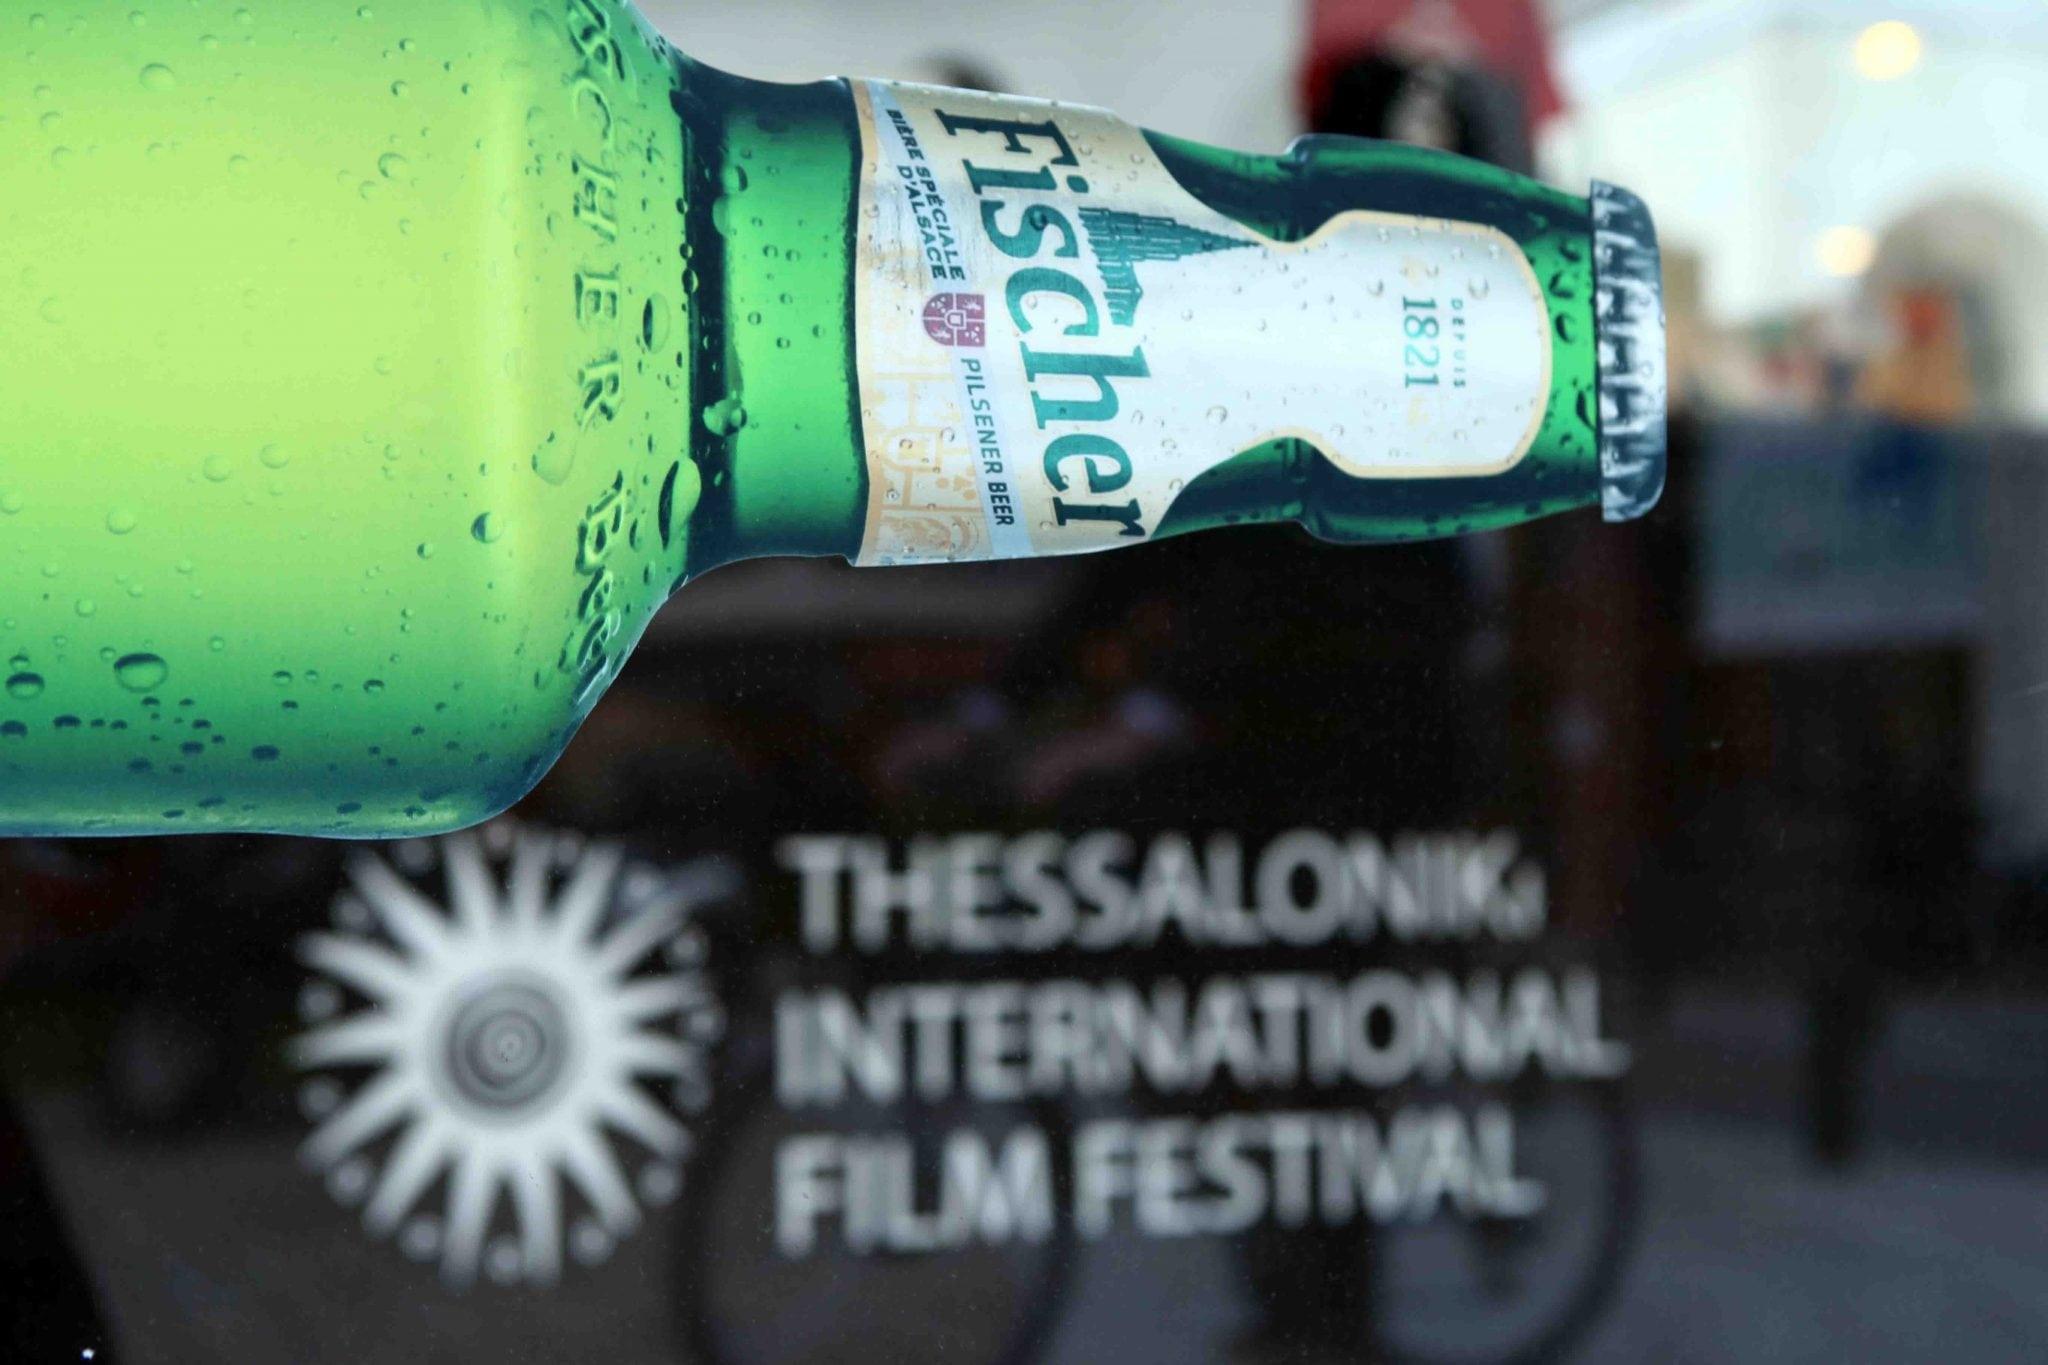 Fischer_2_Η Fischer στο Φεστιβάλ Ντοκιμαντέρ Θεσσαλονίκης